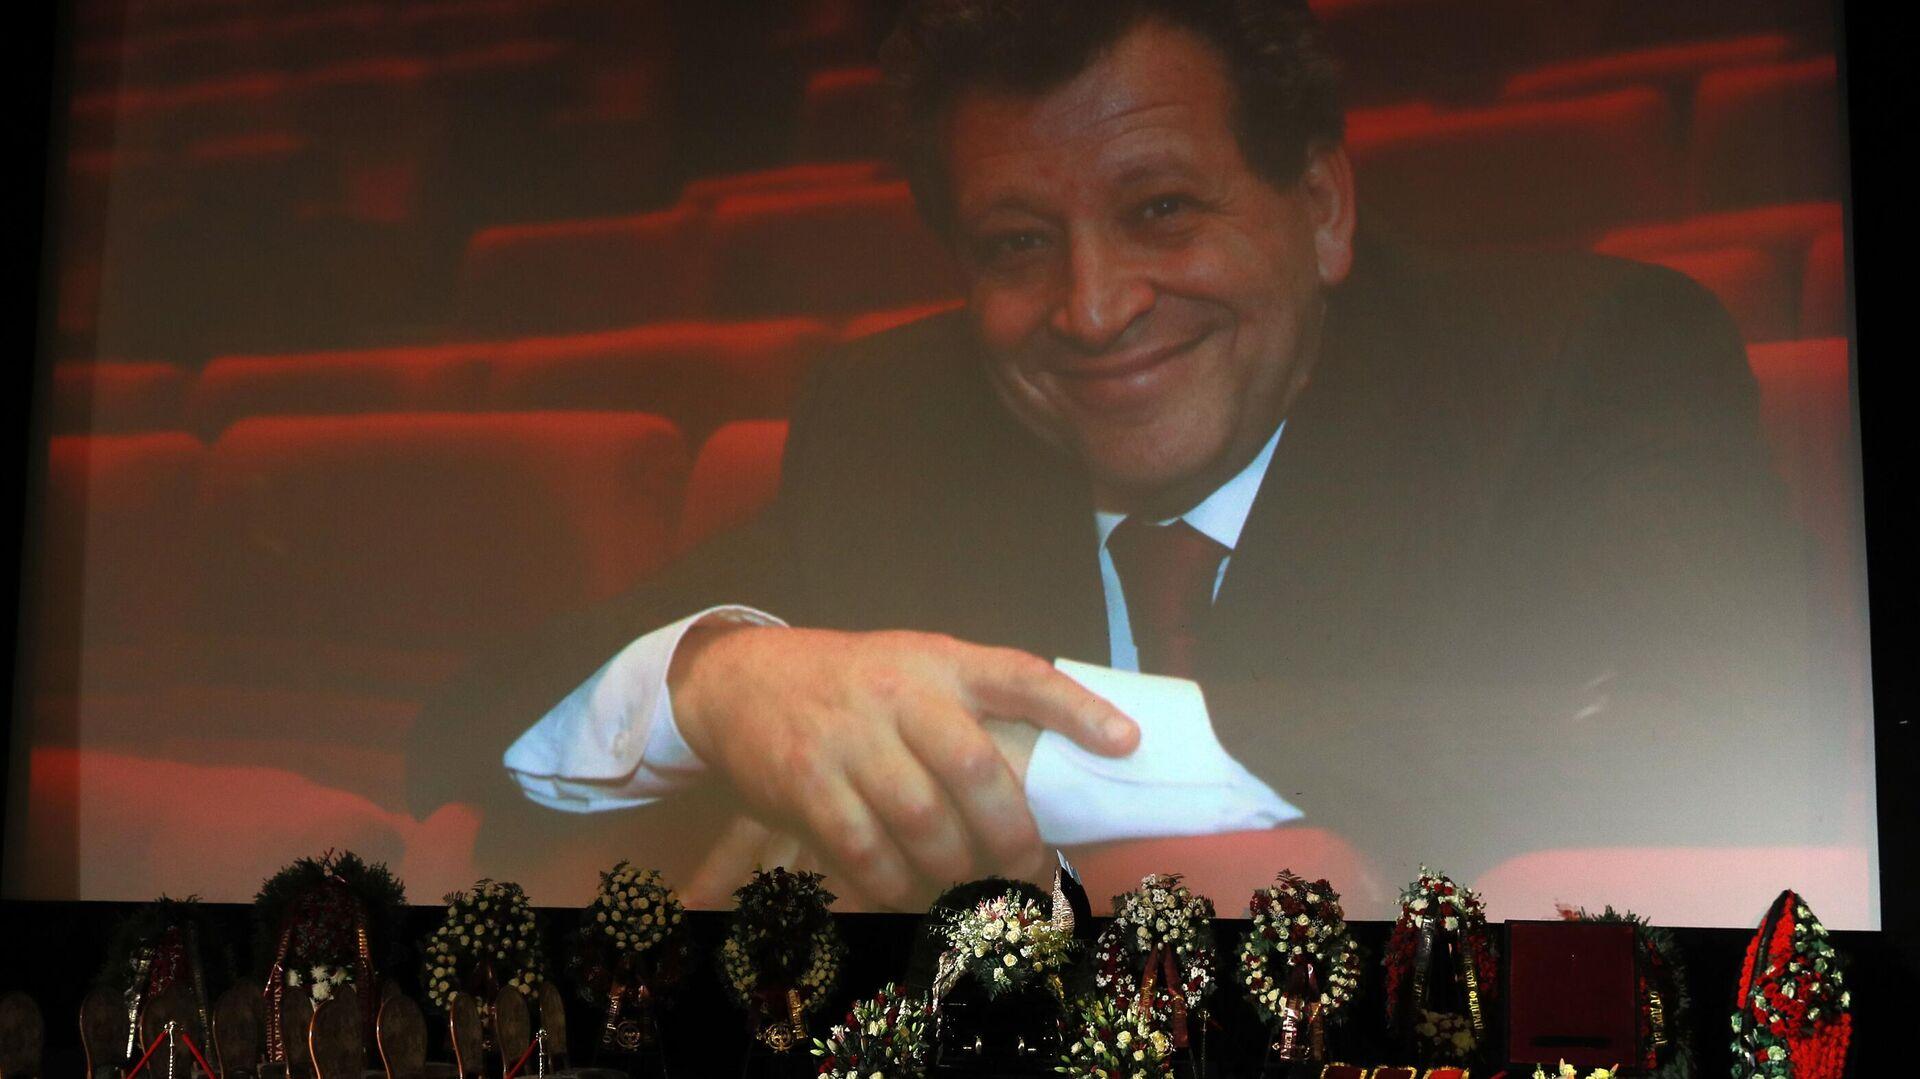 На церемонии прощания с создателем детского юмористического киножурнала Ералаш, режиссером Борисом Грачевским в Доме кино в Москве - РИА Новости, 1920, 17.01.2021